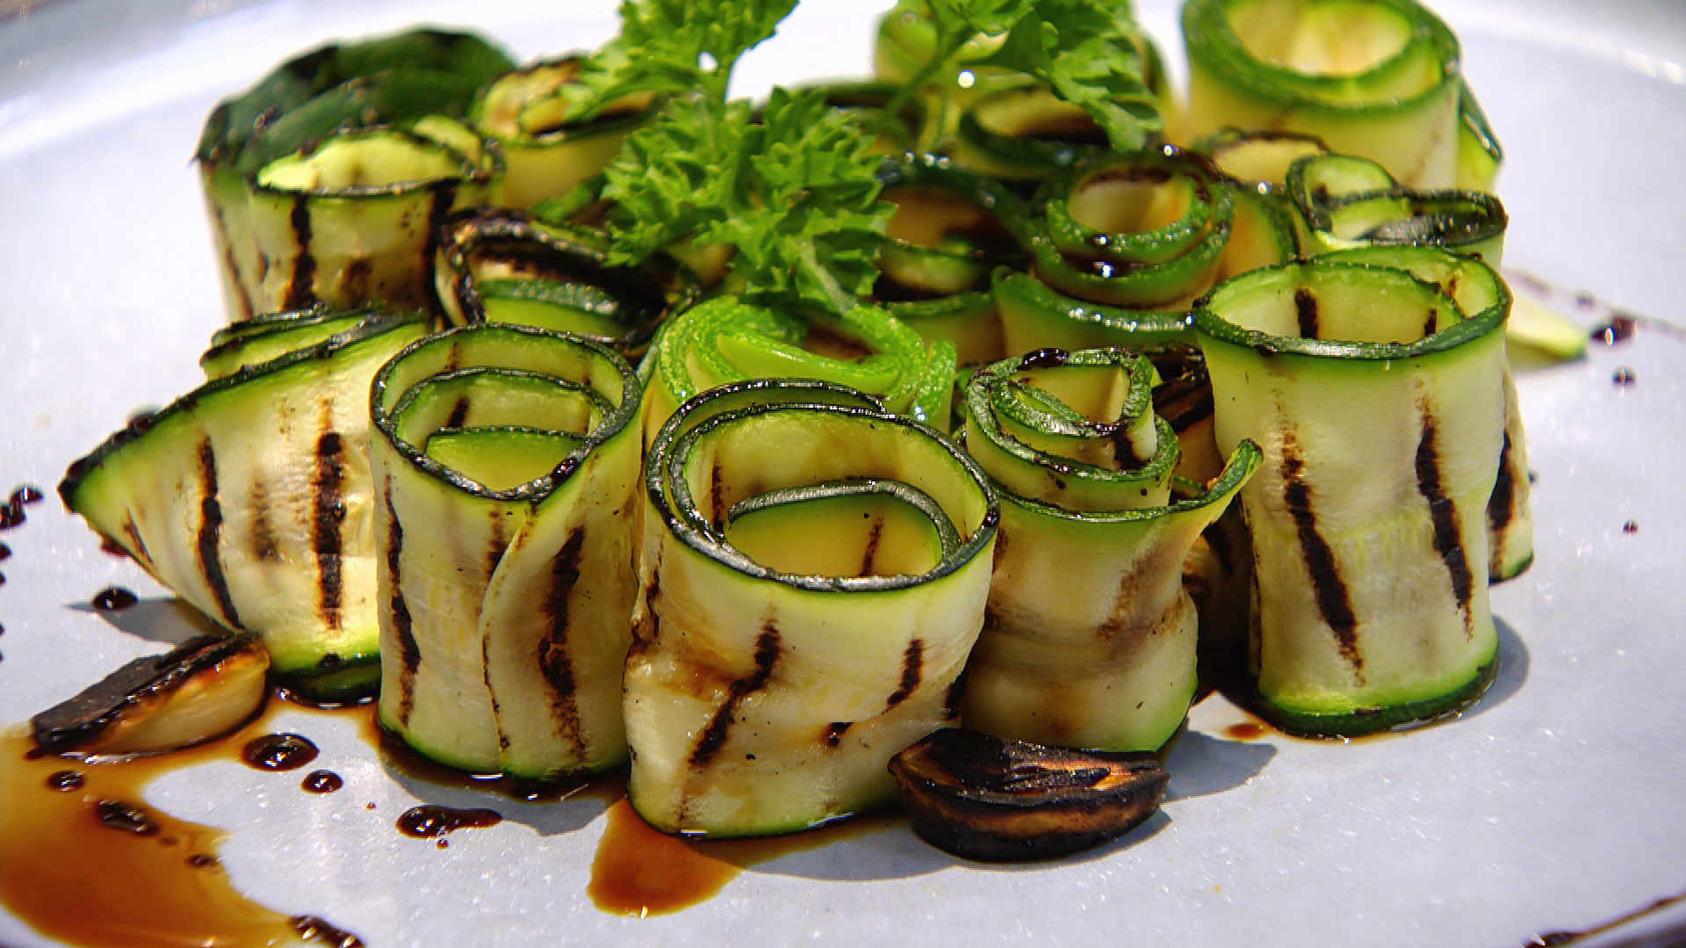 Gib mir 5! Köstliches aus nur 5 Zutaten: Gebratene Zucchinistreifen an Balsamico-Reduktion